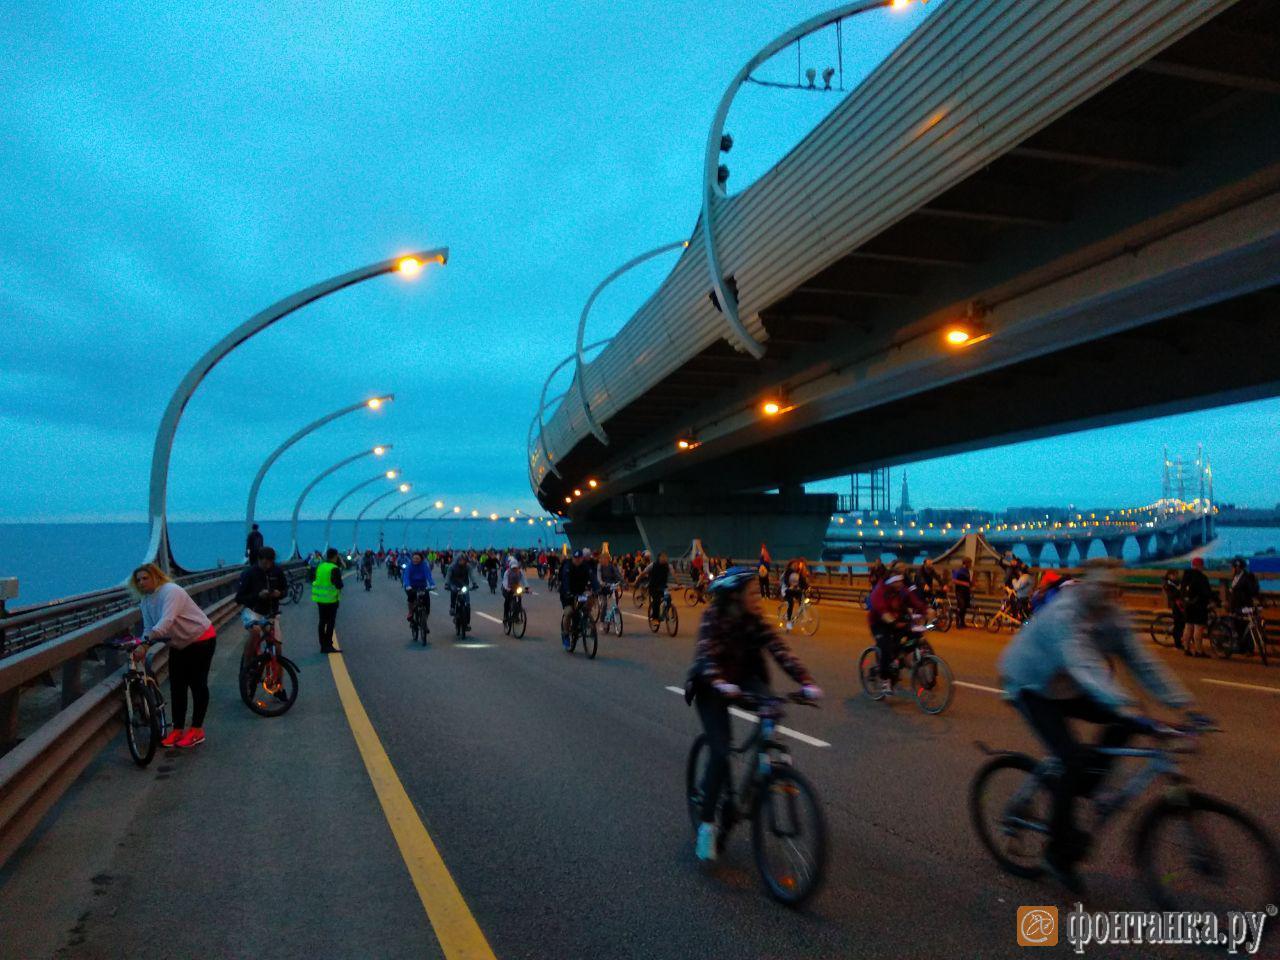 На ЗСД финишировал первый велосипедист (Иллюстрация 2 из 2) (Фото: Илья Трусов/